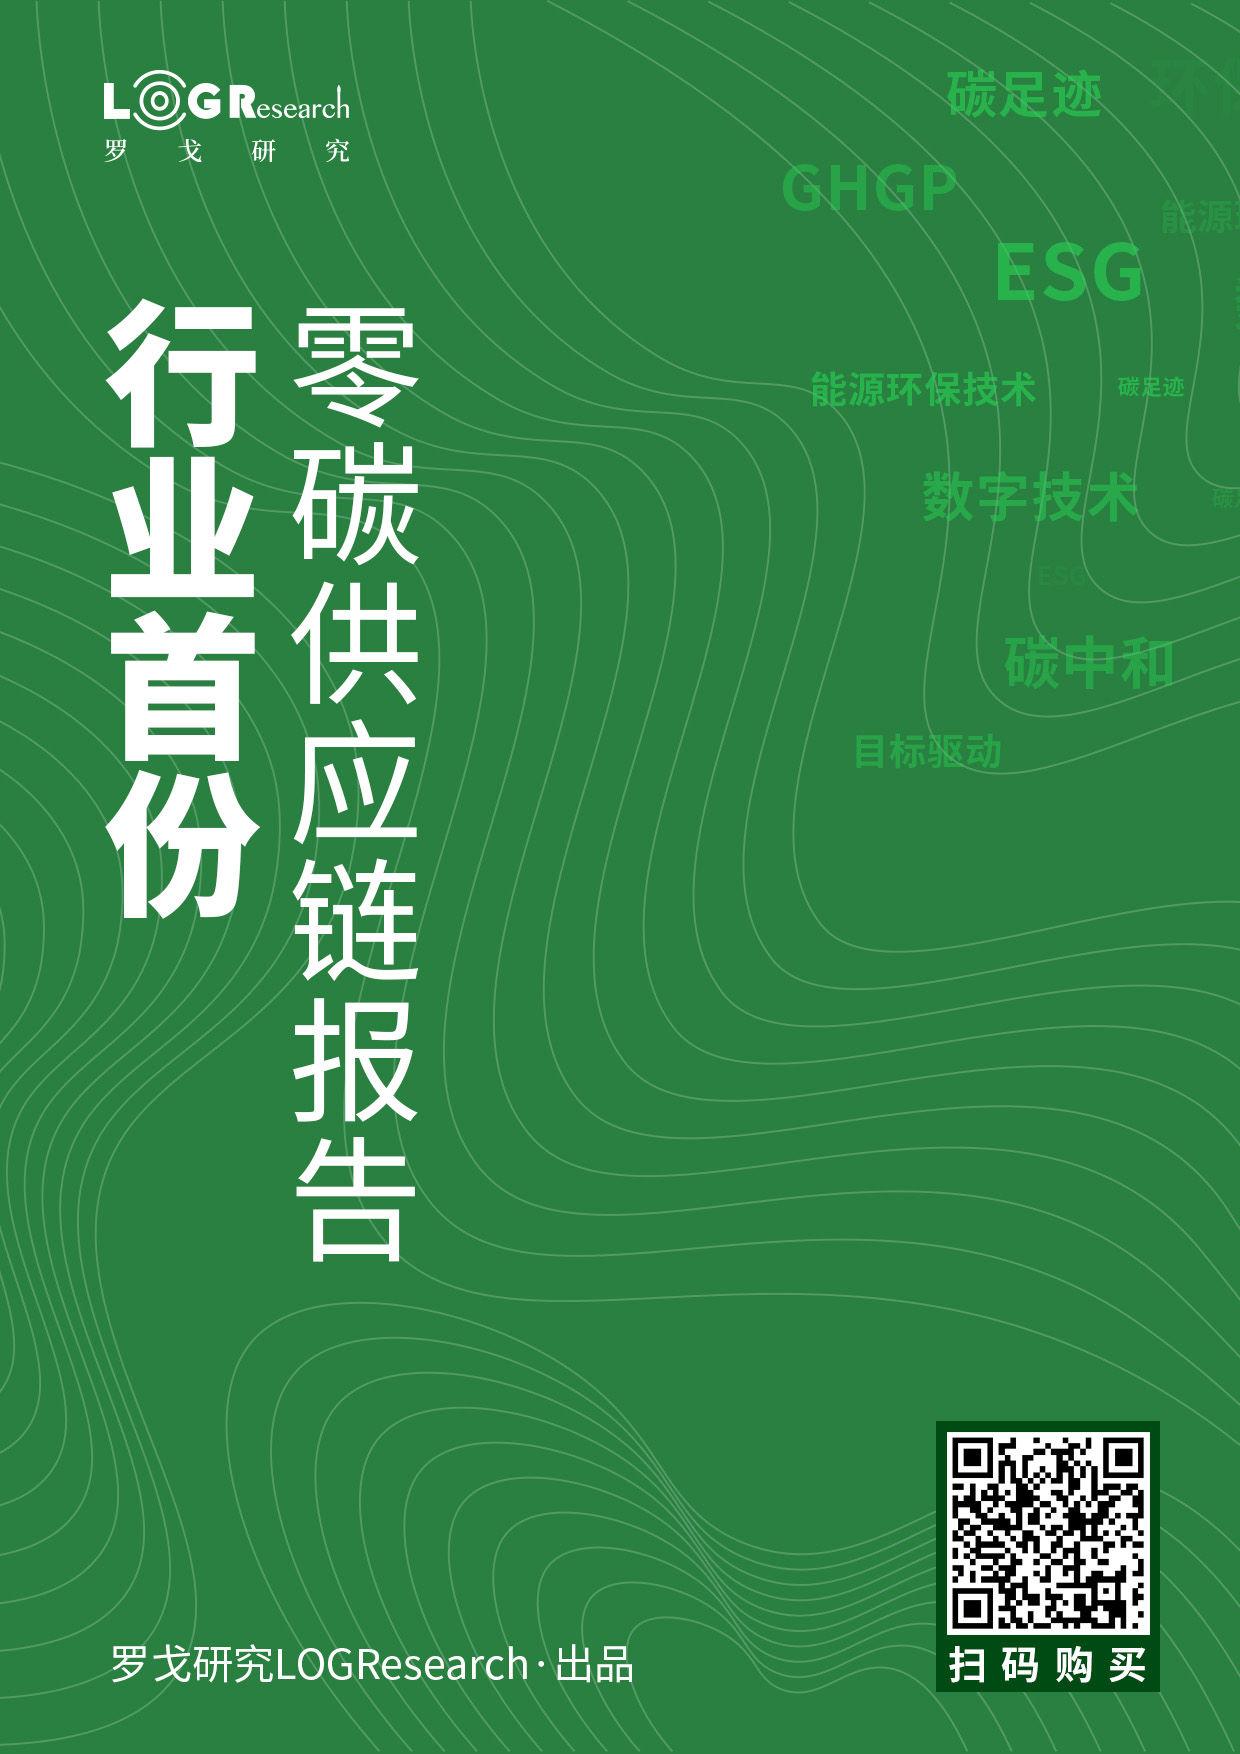 【预售中】罗戈研究独家出品 | 行业首份《供应链零(低)碳转型的综合研究报告》来了!